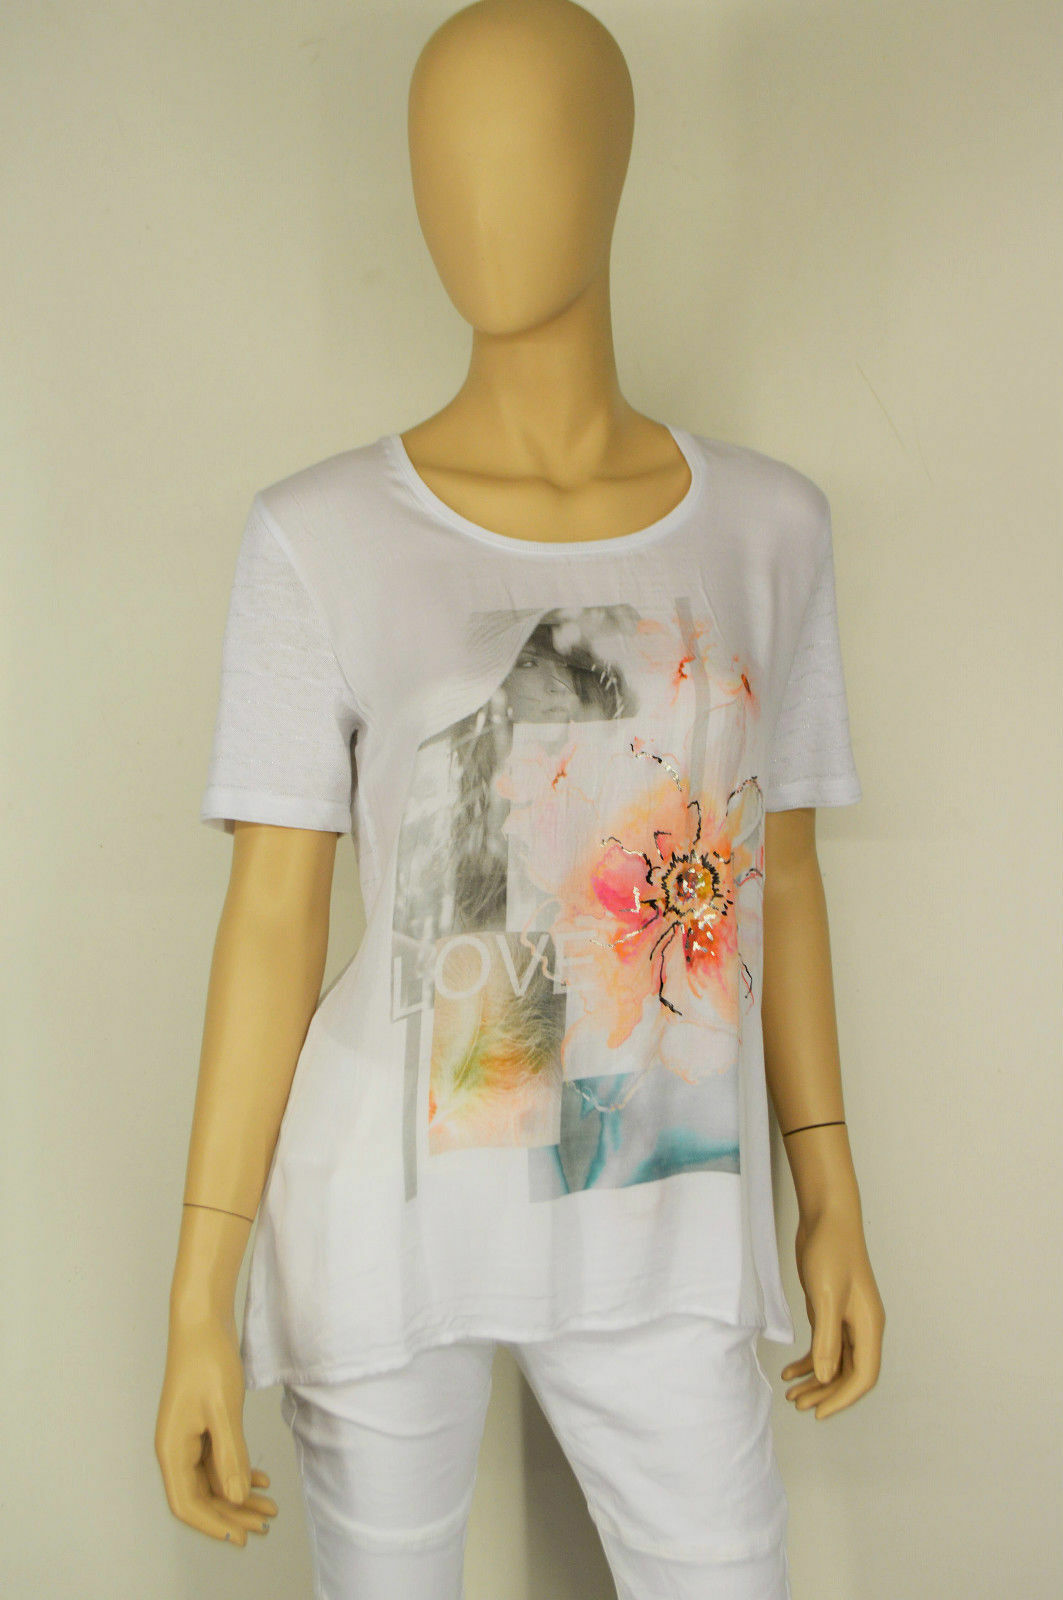 Gerry Weber casual, alla moda, 1 2 Braccio Camicia in Bianco con stampa fotografica, taglia selezionabile